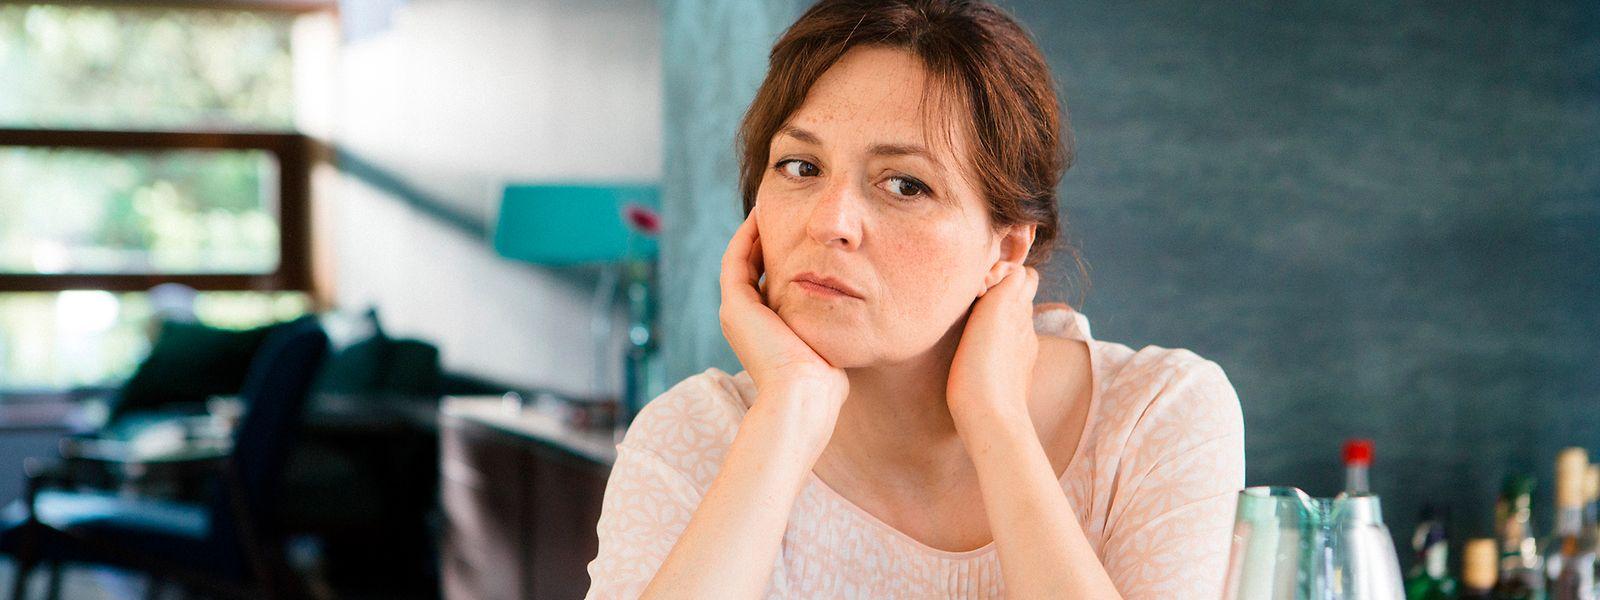 """Im Film """"Herzjagen"""" kommt Caroline Binder (Martina Gedeck) nicht damit zurecht, dass sie plötzlich ein funktionierendes Herz hat."""